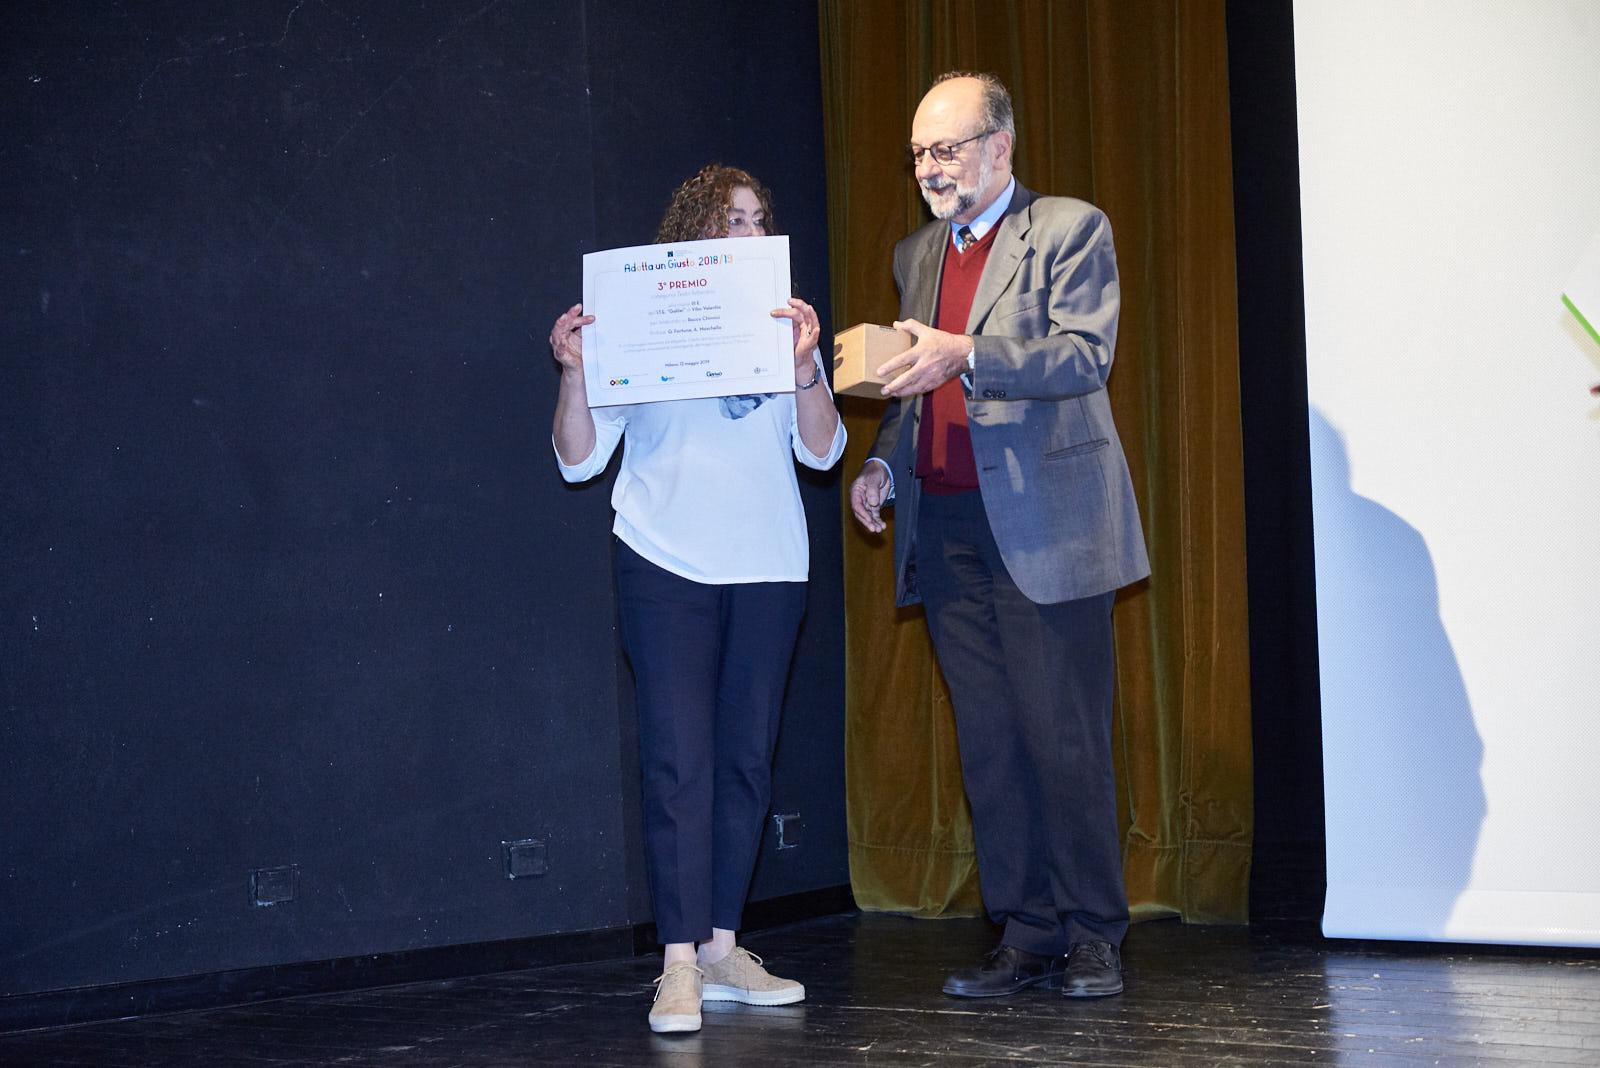 La premiazione delle scuole superiori